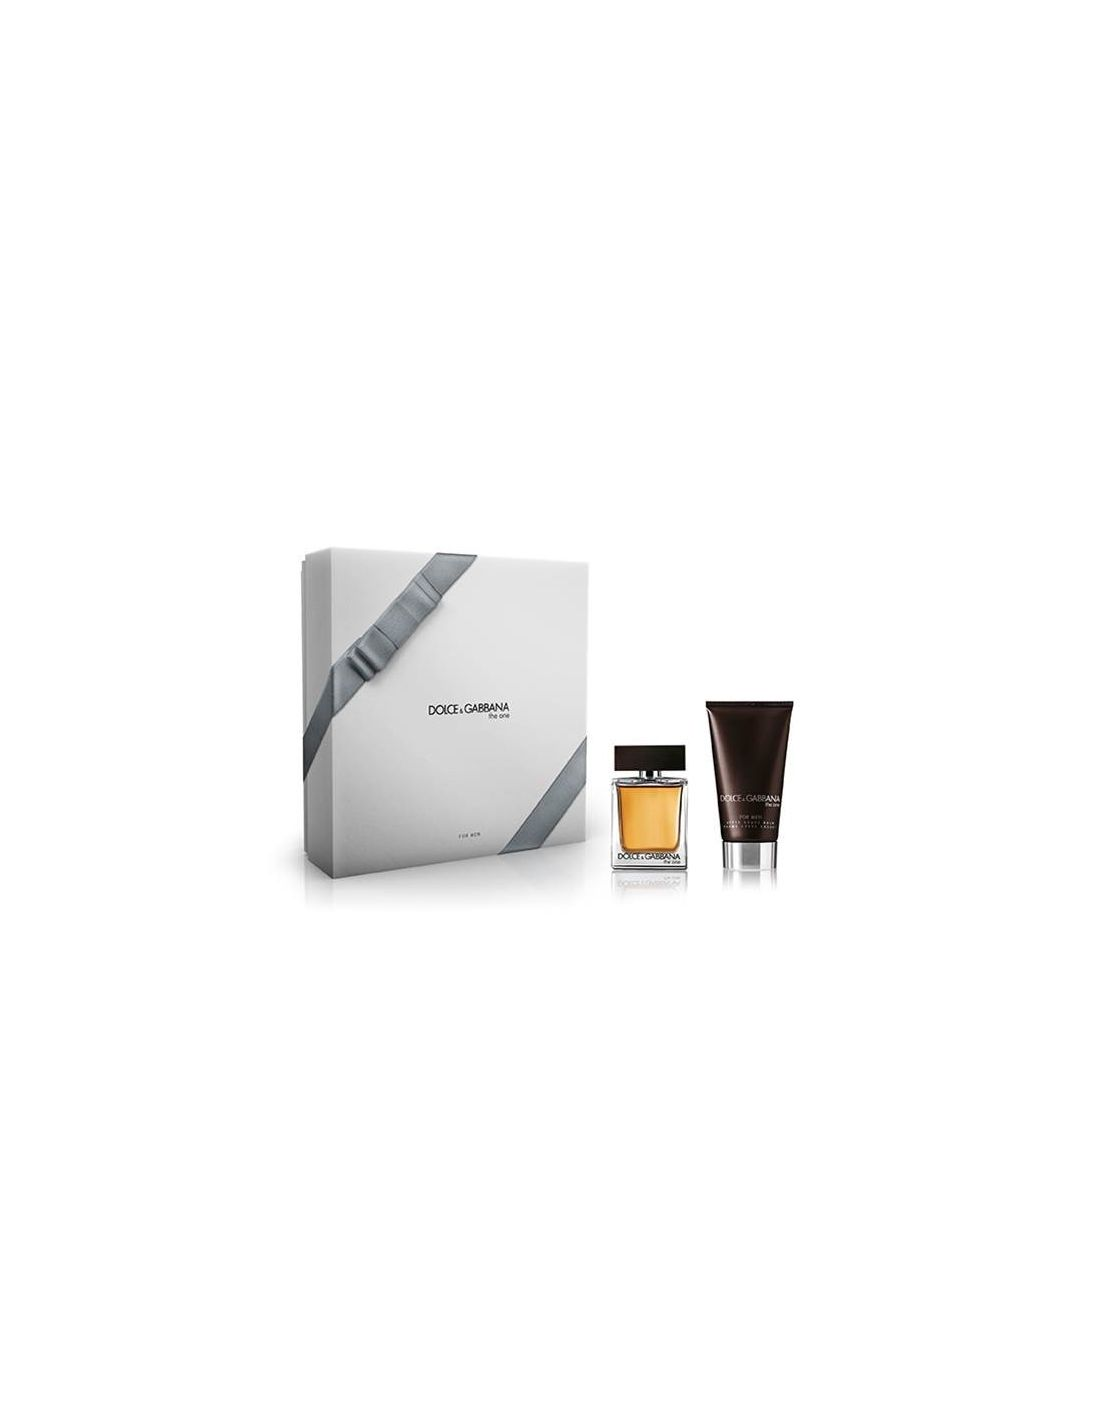 97a4a5c287 Coffret Dolce & Gabbana The One Eau de Toilette 50 ml + After Shave 75 ml